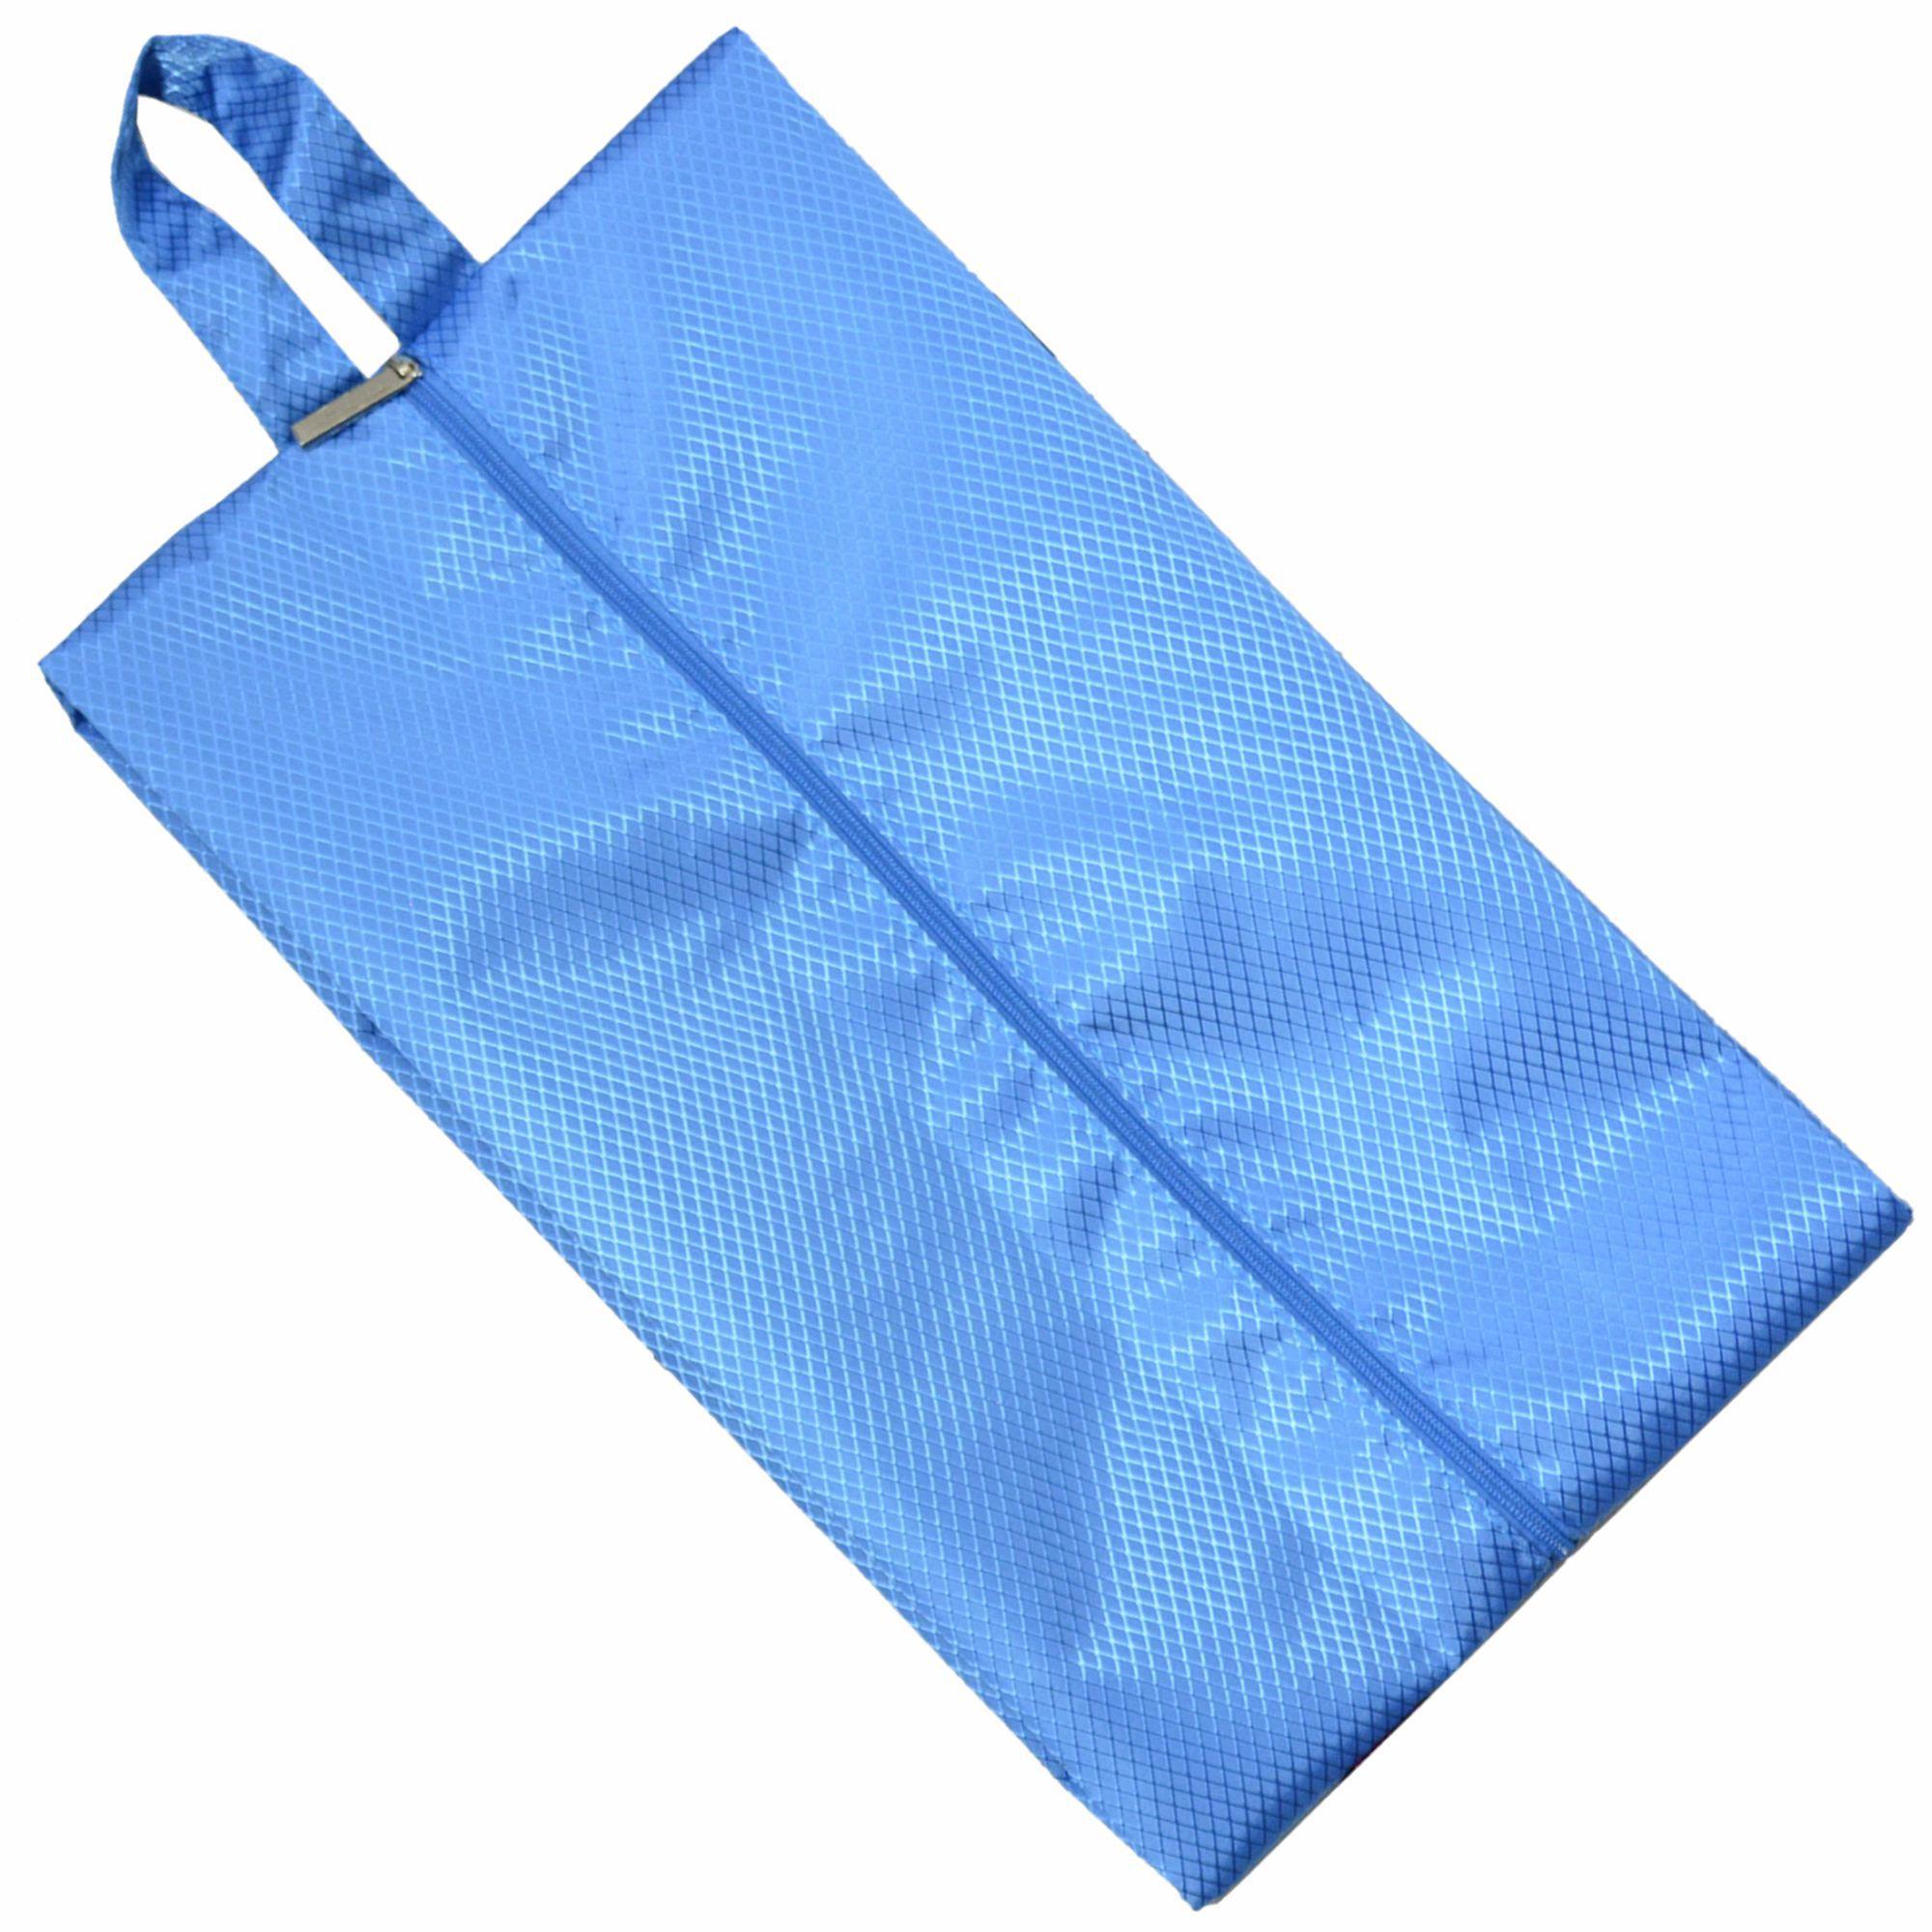 Organizador de Mala Viagem Necessaire Kit 7 Peças Azul Claro CBRN113654